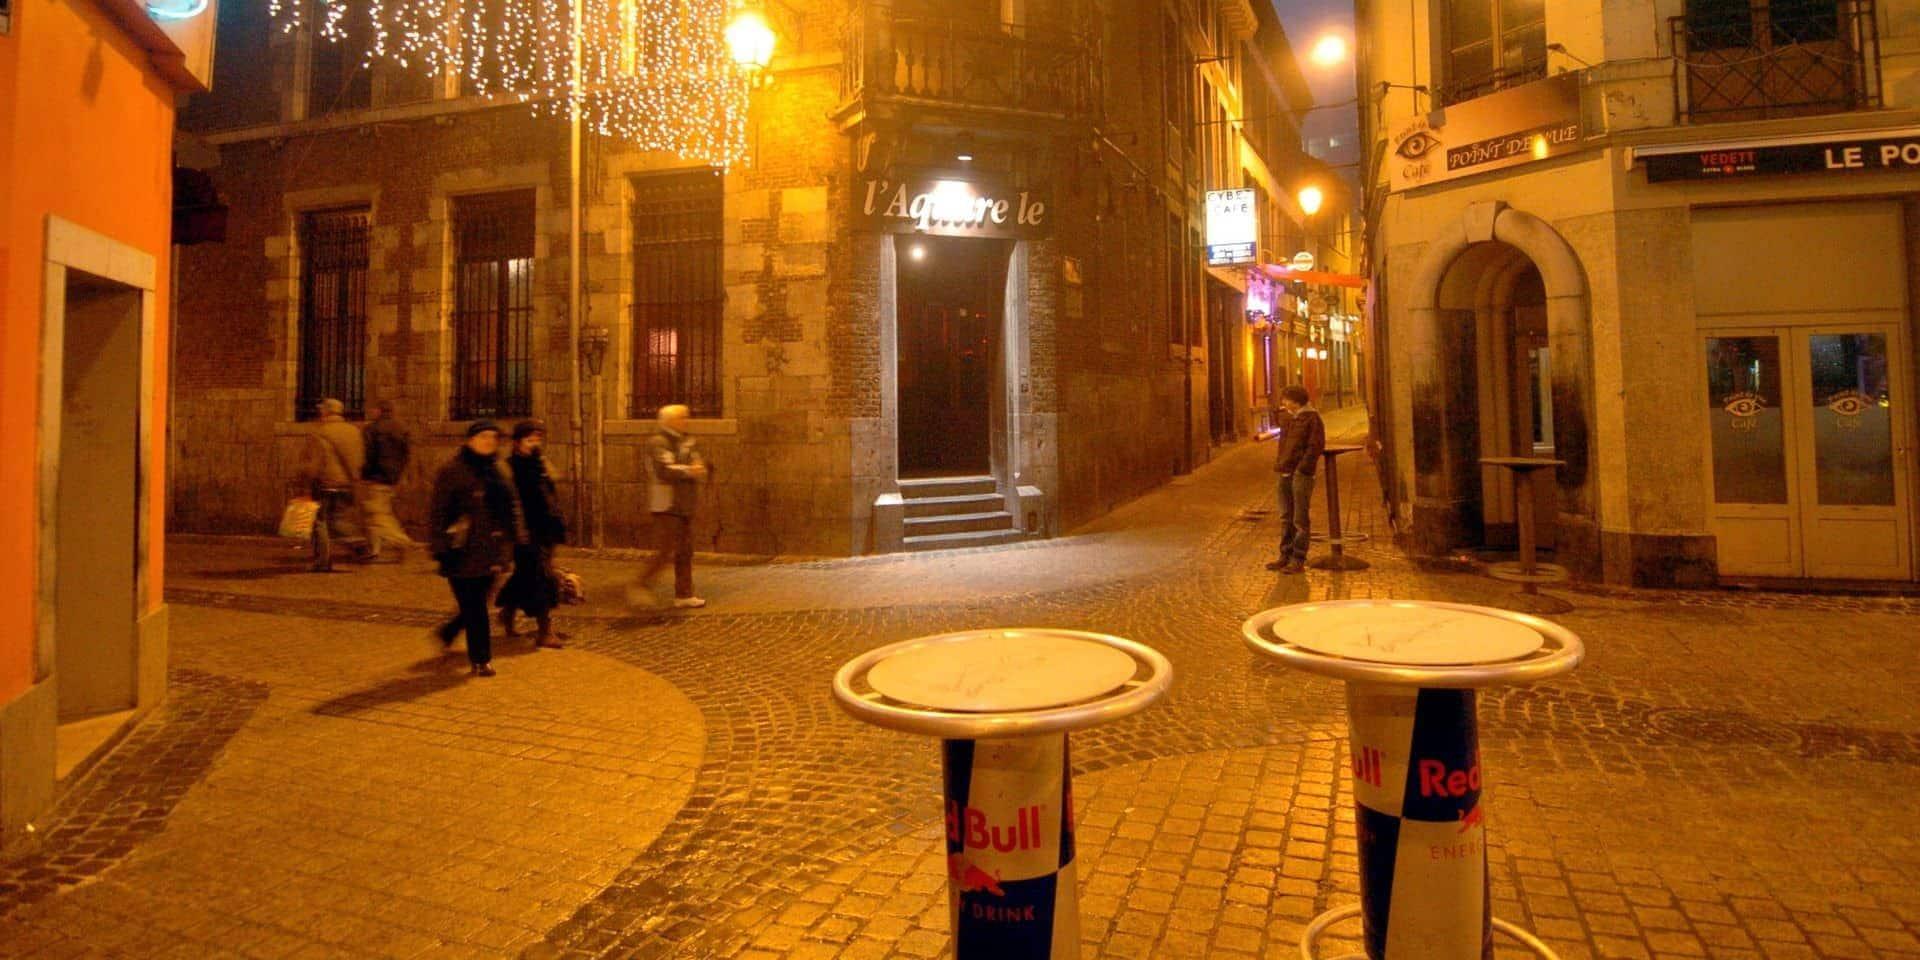 Une quatrième personne recherchée dans le cadre des kidnappings dans le centre de Liège